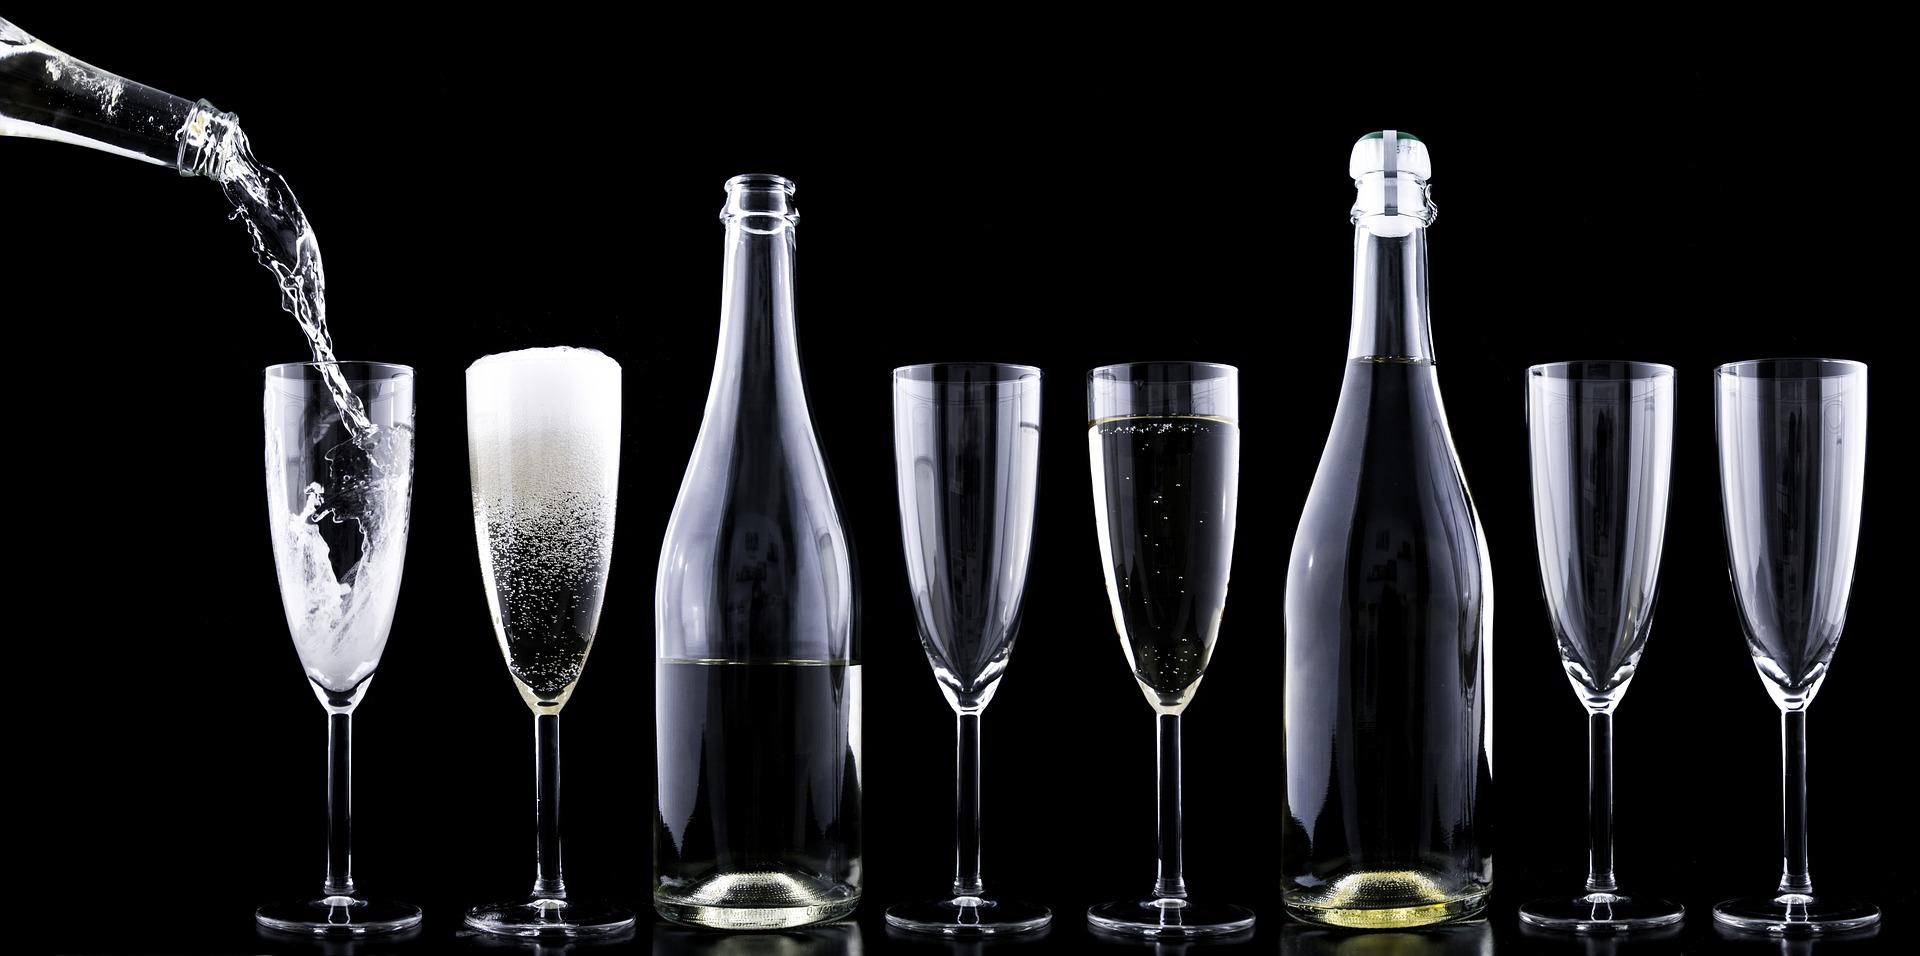 Champagne and glasses (Credit: pixabay/DariuszSankowski)